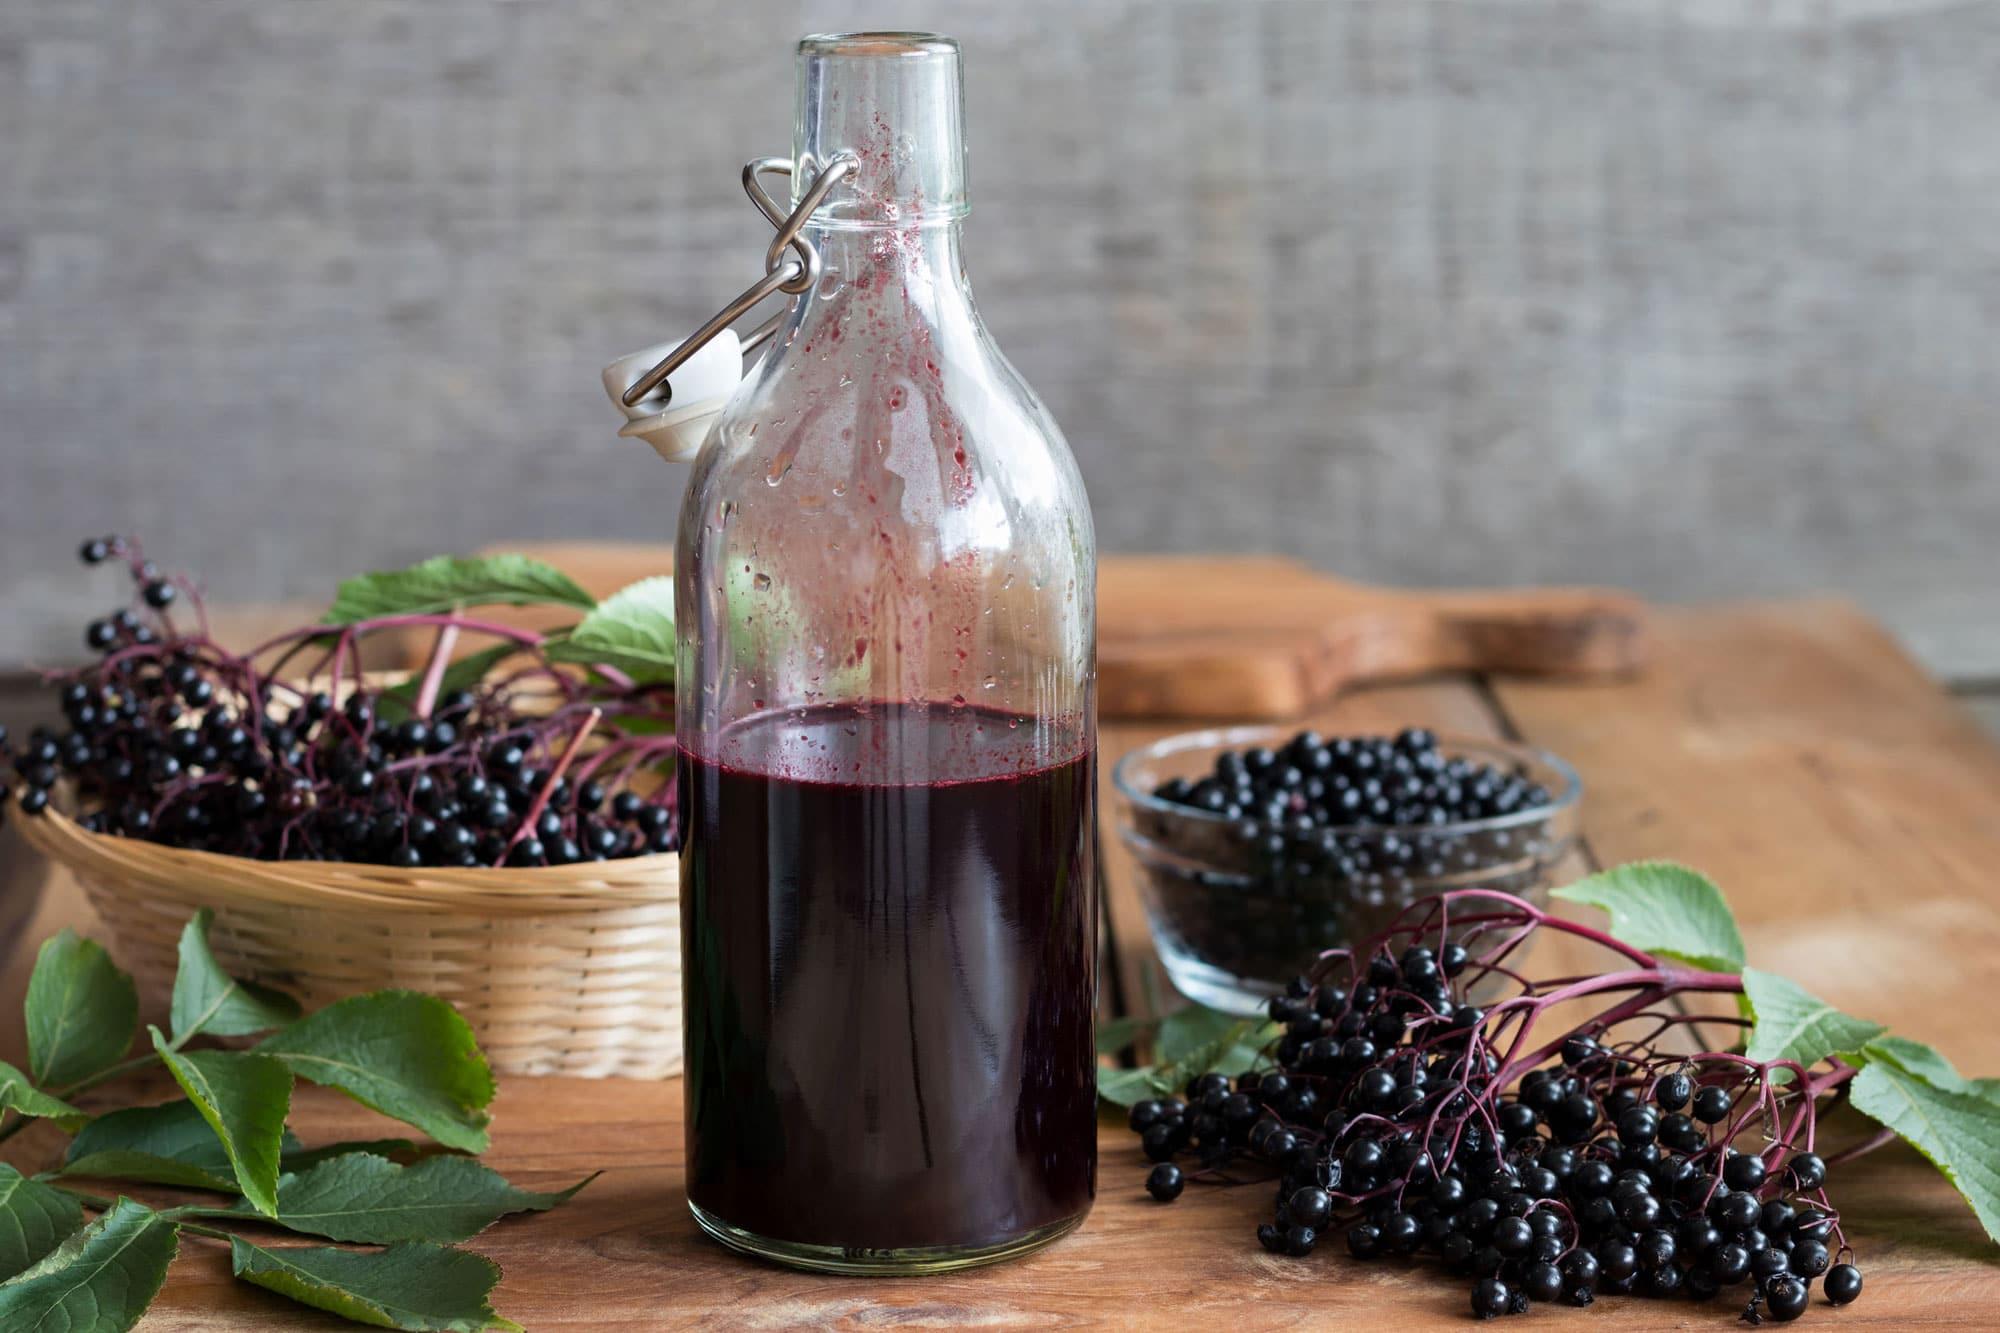 Eine Flasche selbst gemachter Holundersirup auf einem Holztisch, mit frischen Holunderbeeren im Hintergrund, © madeleinesteinbachm #92348118 123rf.com .